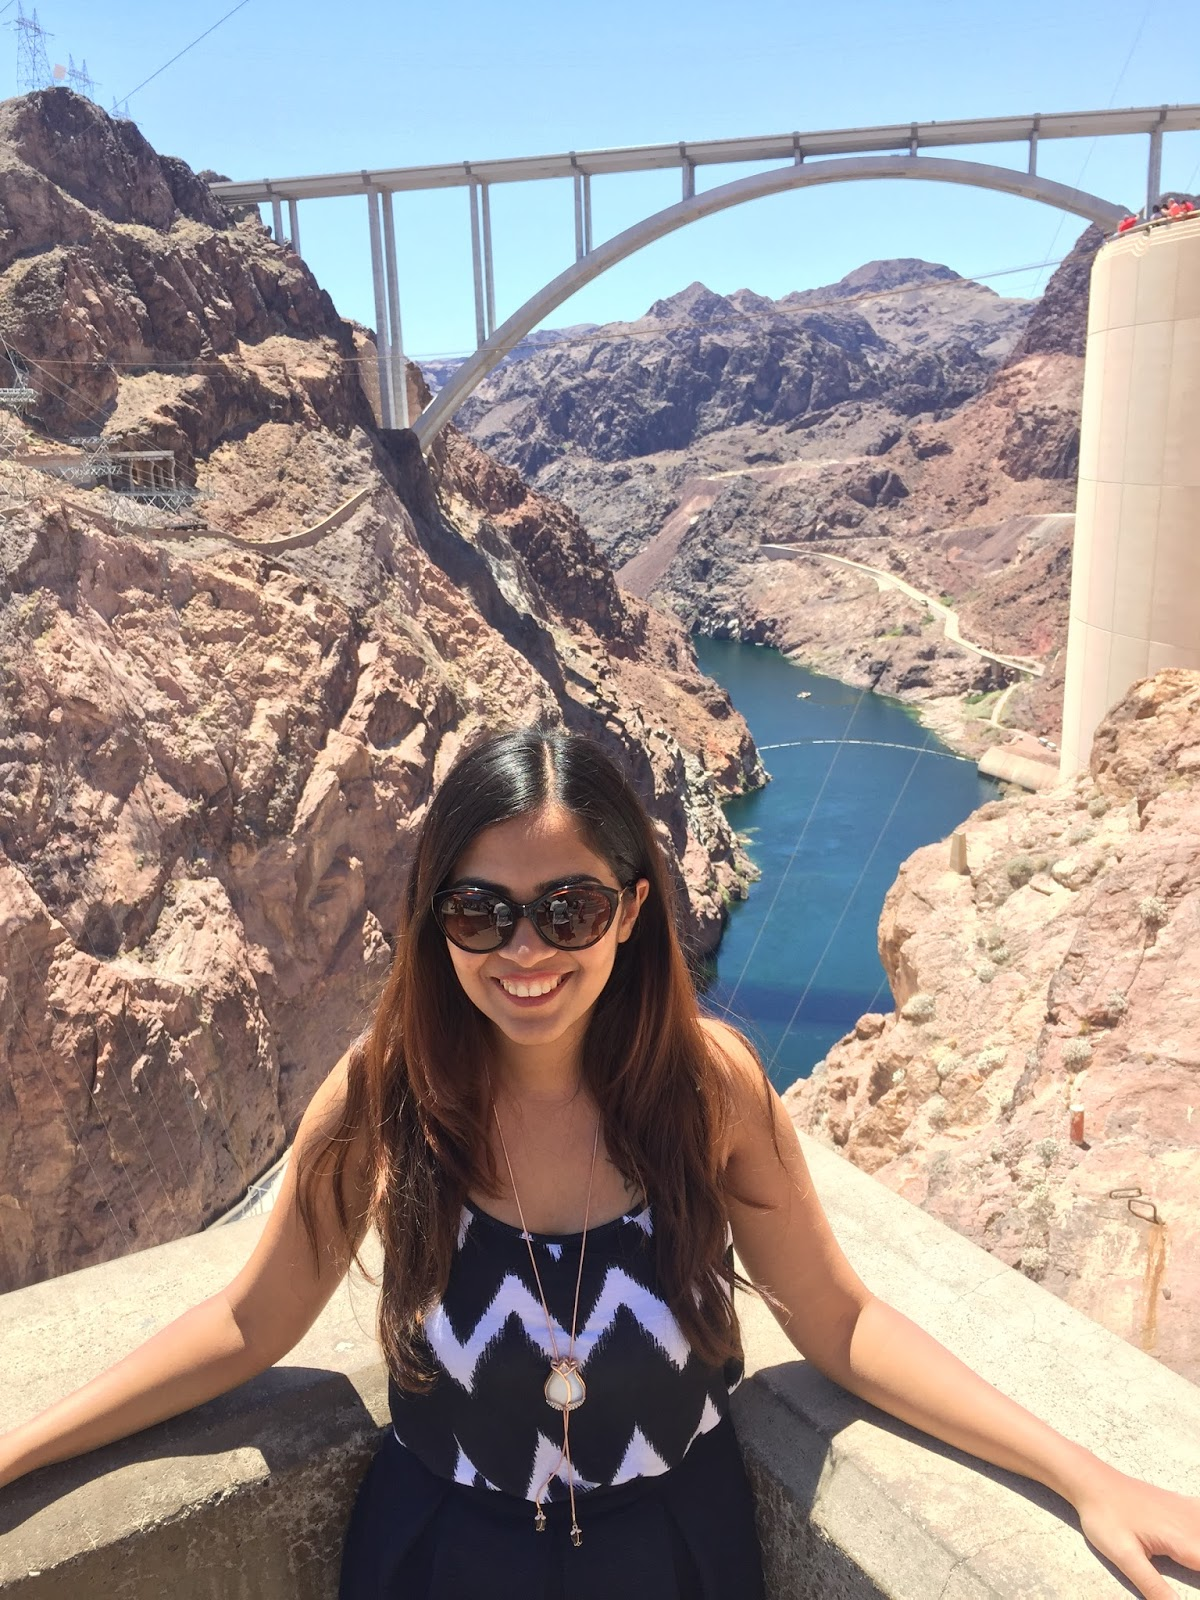 Viva Las Vegas! - Hand On The Hip